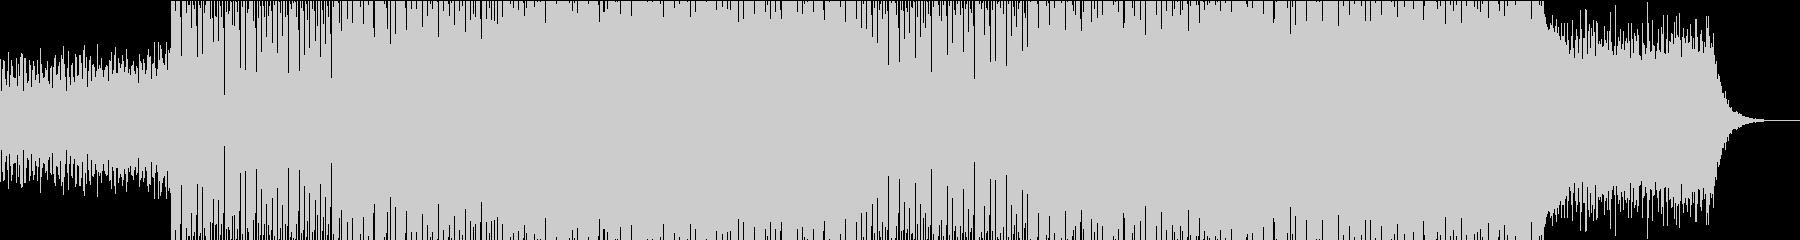 EDMクラブ系ダンスミュージック-54の未再生の波形